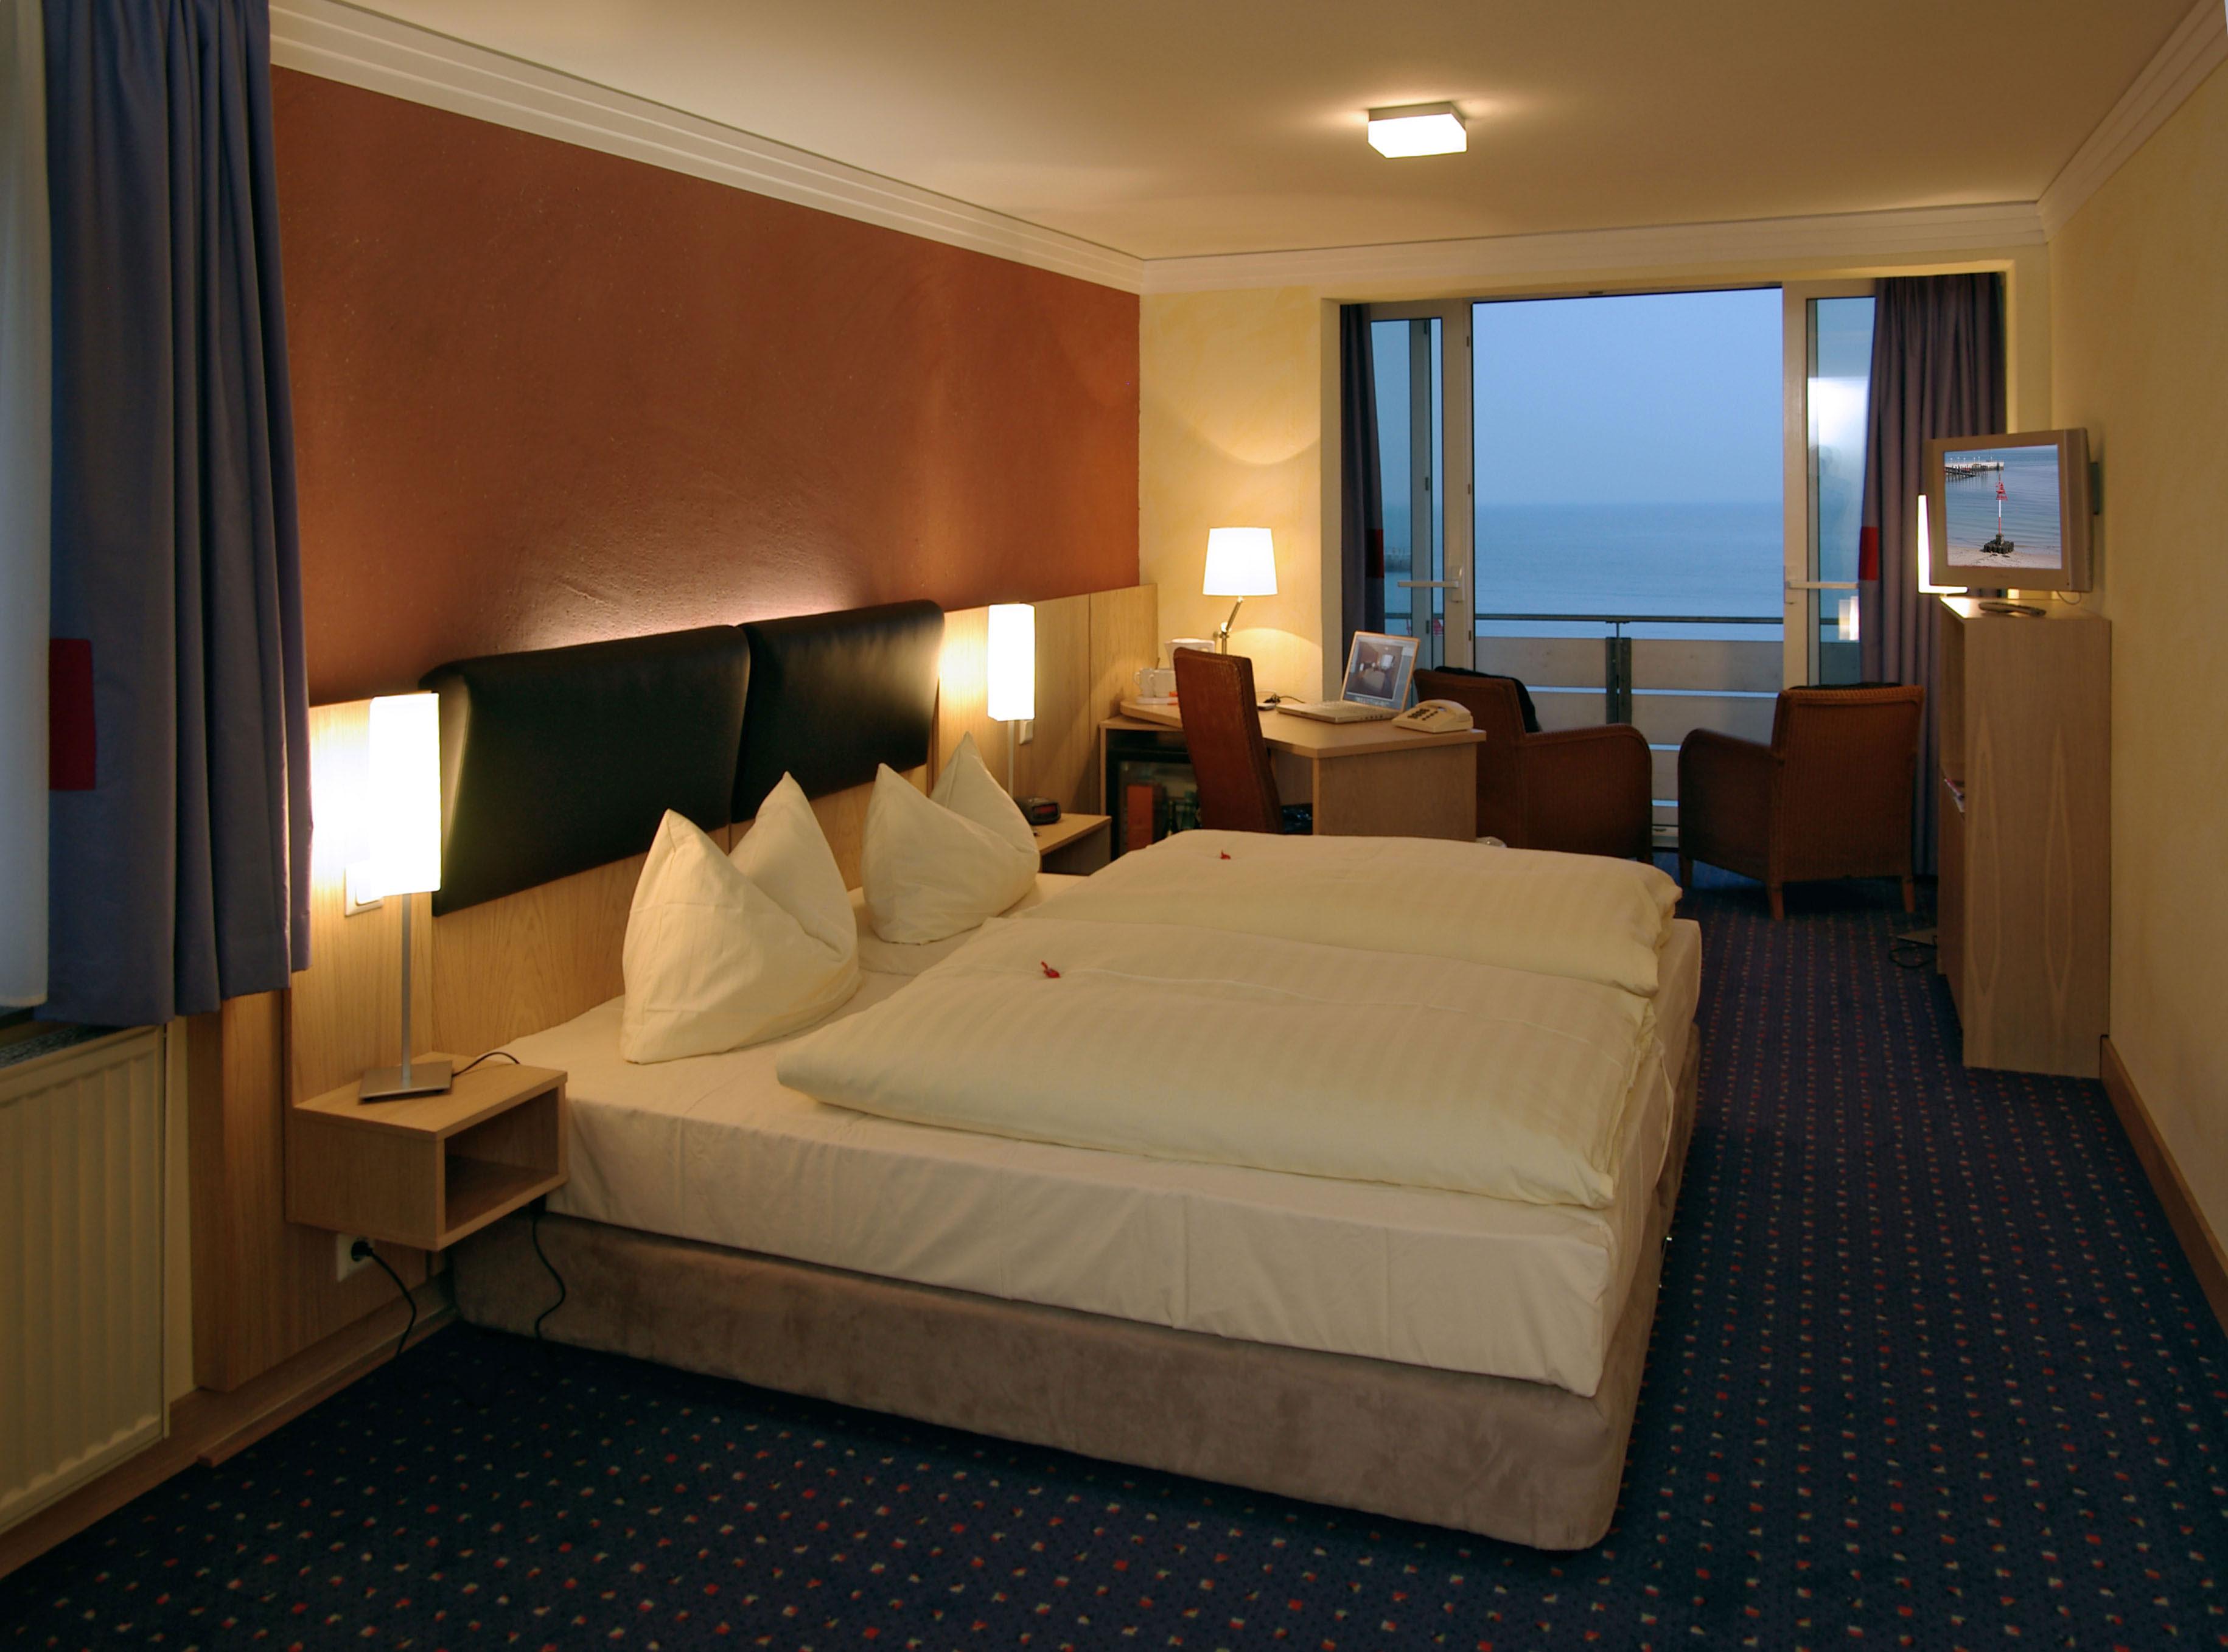 Panorama-Doppelzimmer im Hotel Rickmers Insulaner